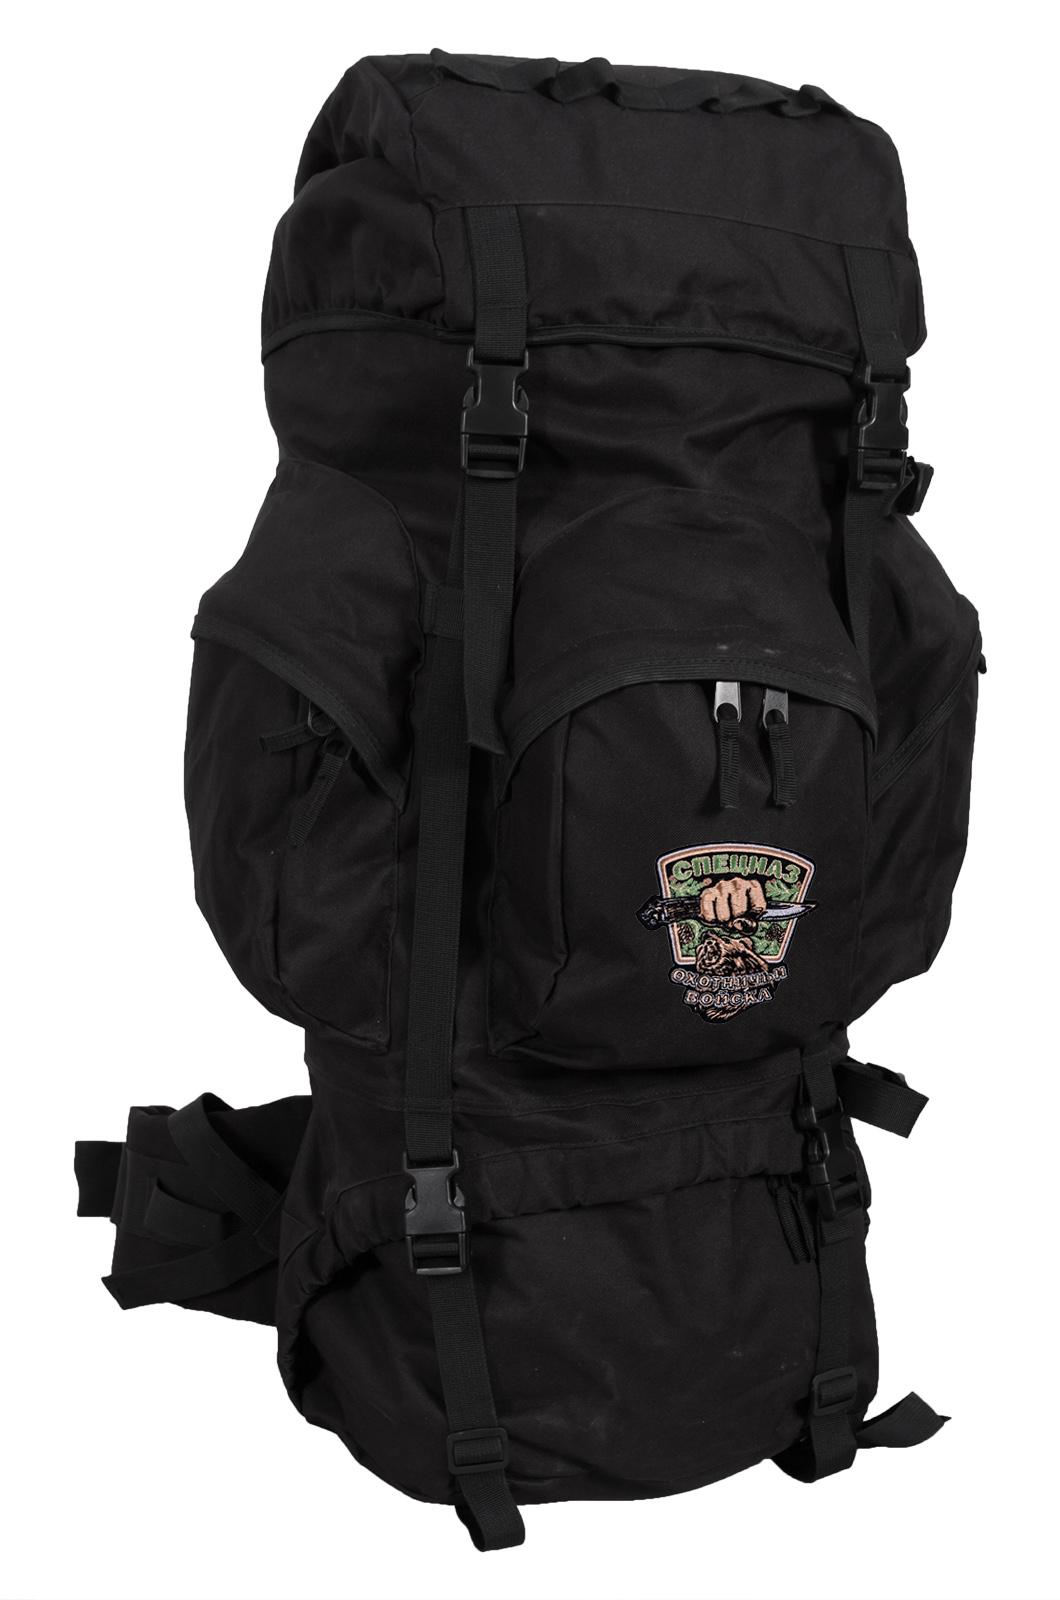 Вместительный надежный рюкзак с нашивкой Охотничий Спецназ - заказать выгодно